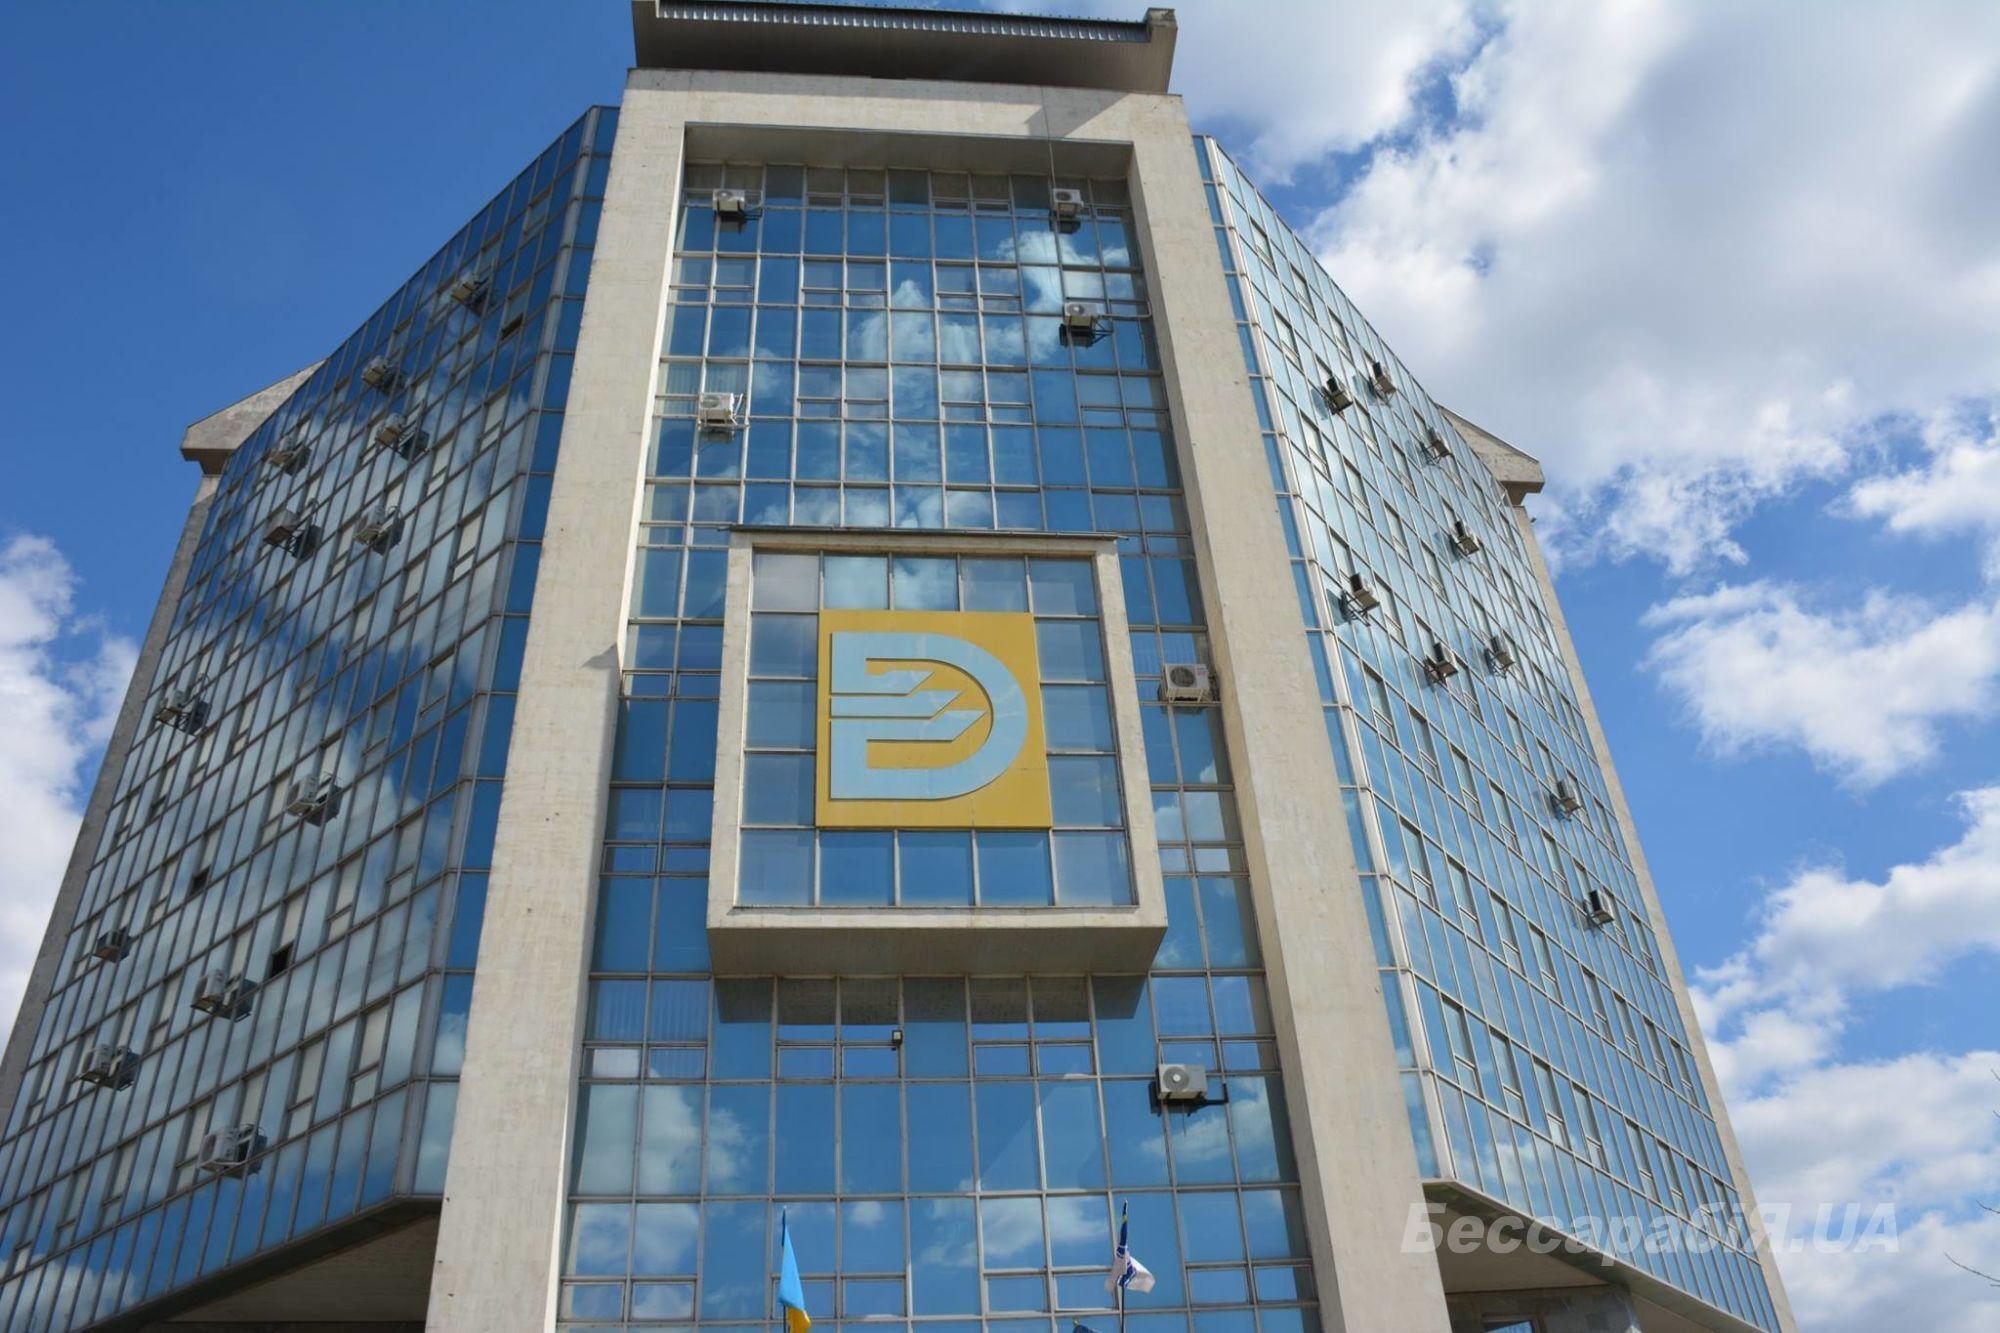 Кто стоит за обращением Одесского облсовета в правоохранительные органы касательно ситуации в ЧАО «УДП»?